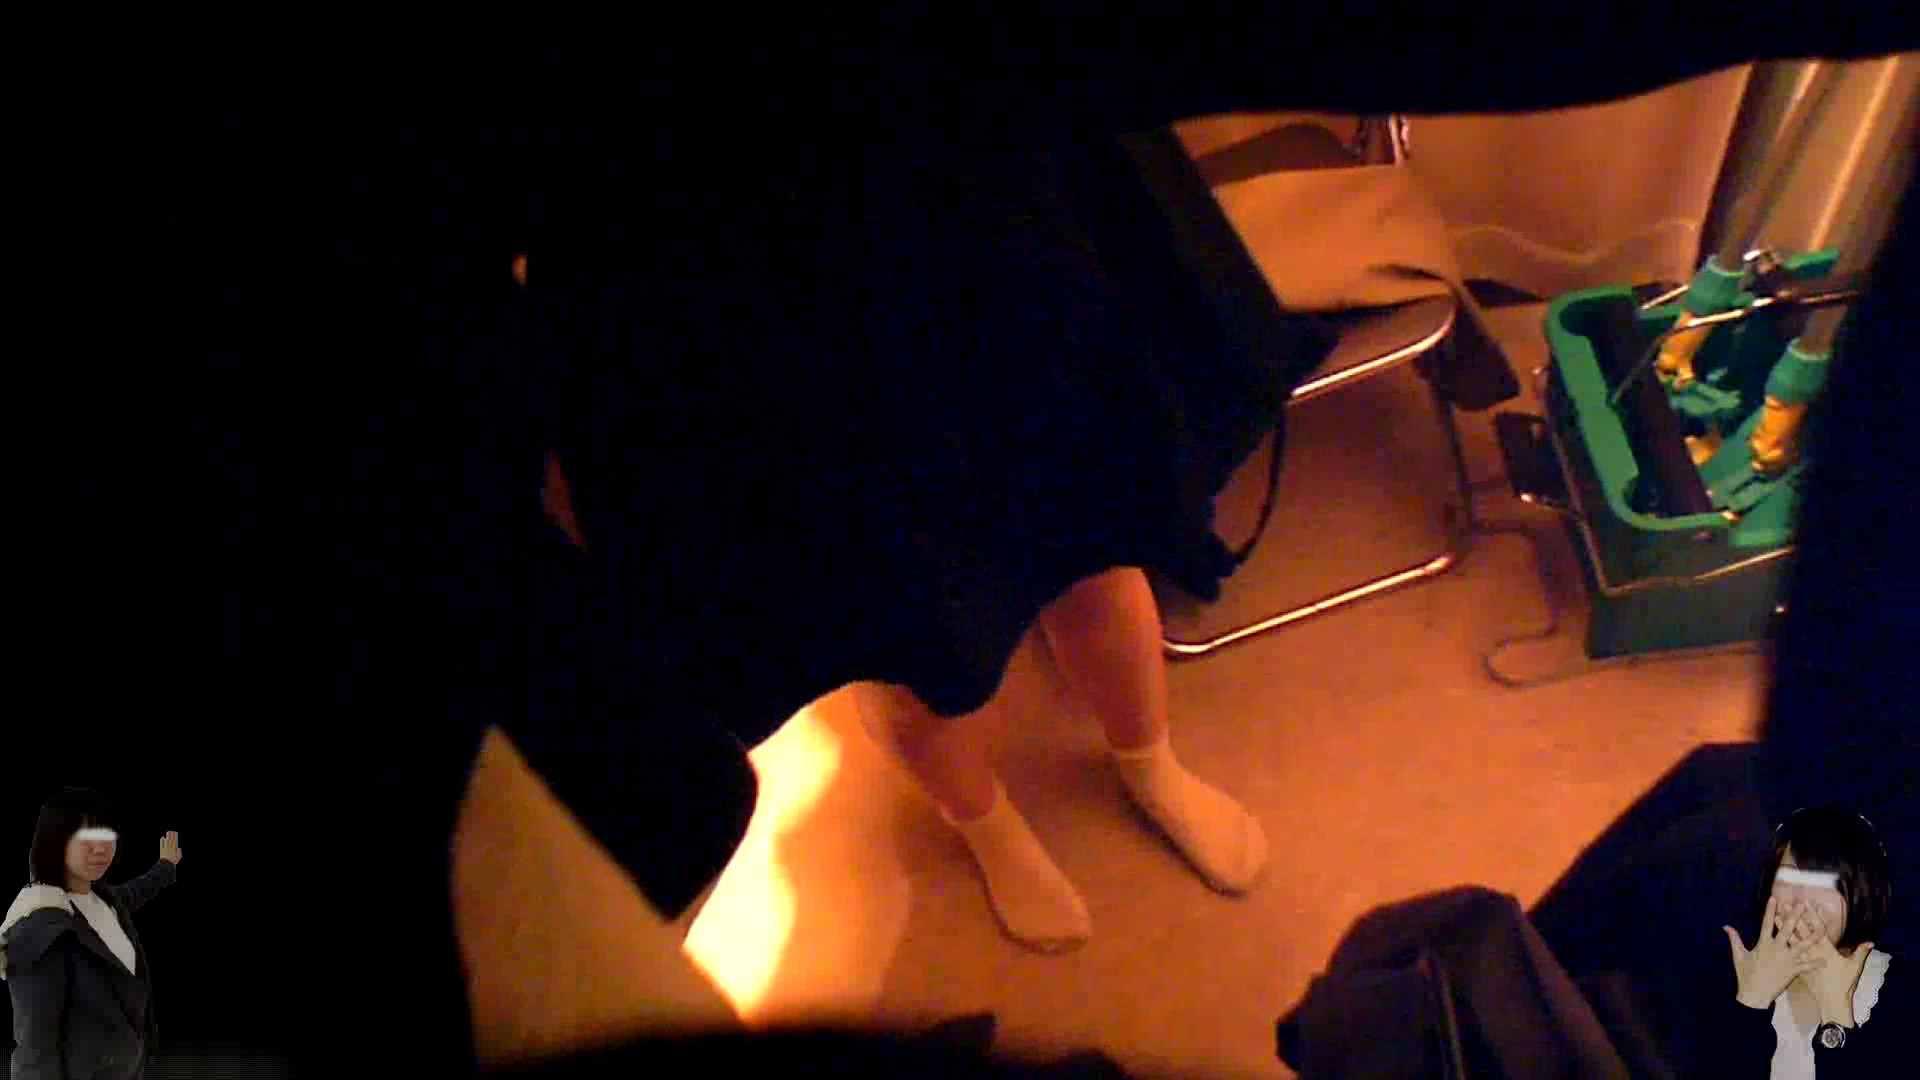 素人投稿 現役「JD」Eちゃんの着替え Vol.04 美しいOLの裸体  107pic 88